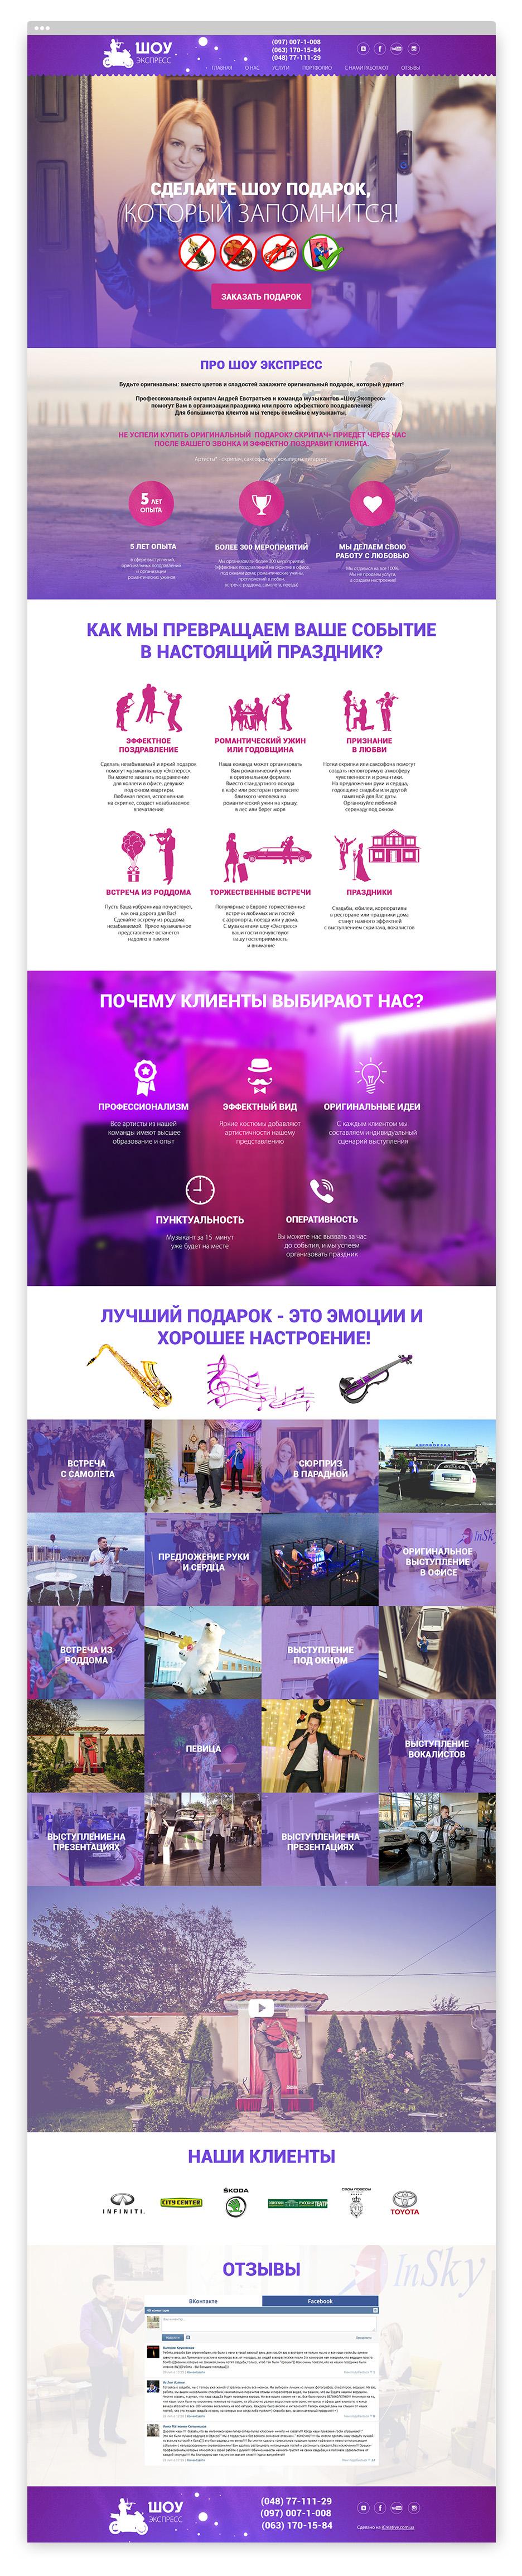 icreative-com-ua_show_express